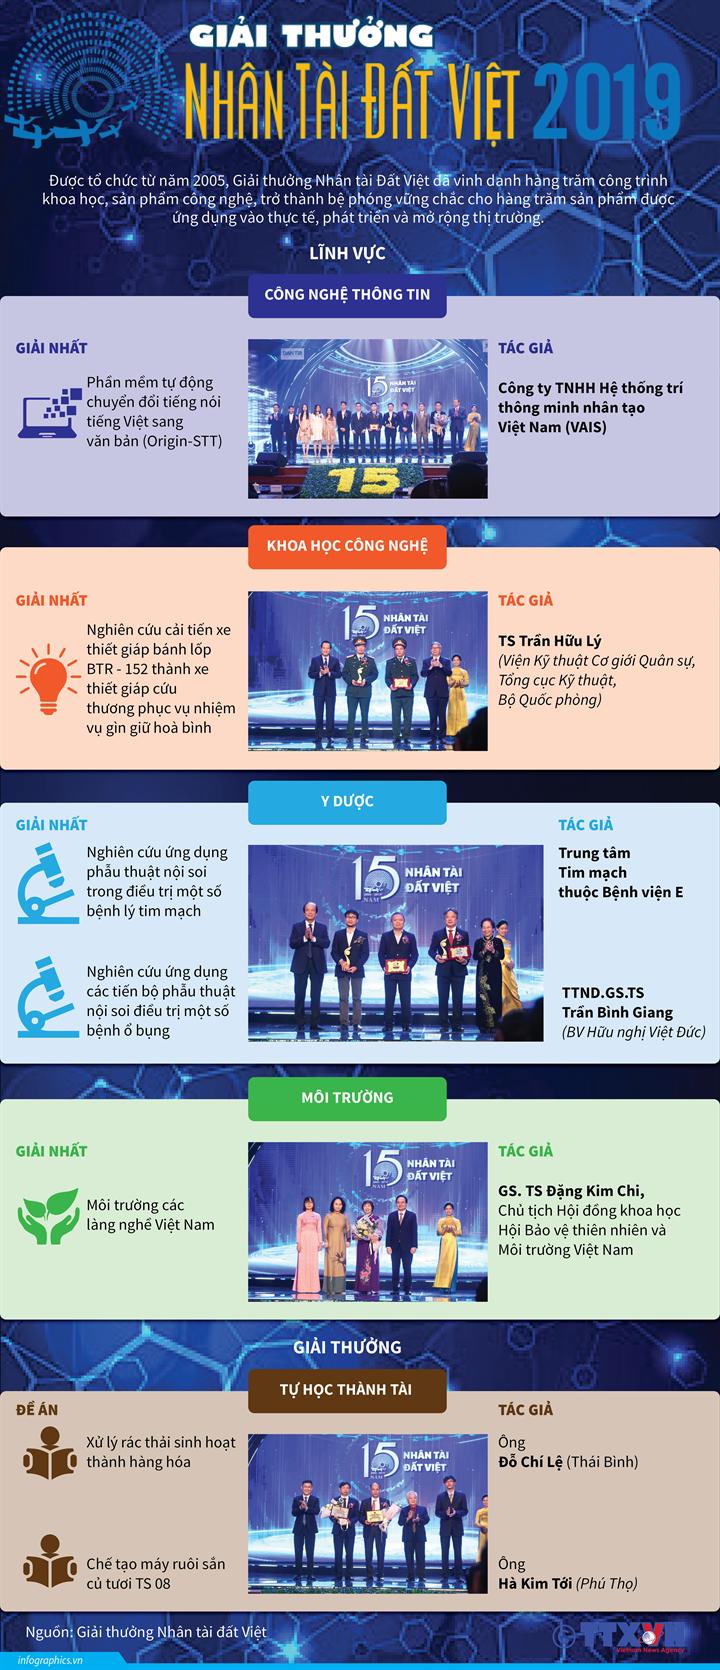 Giải thưởng Nhân tài Đất Việt năm 2019